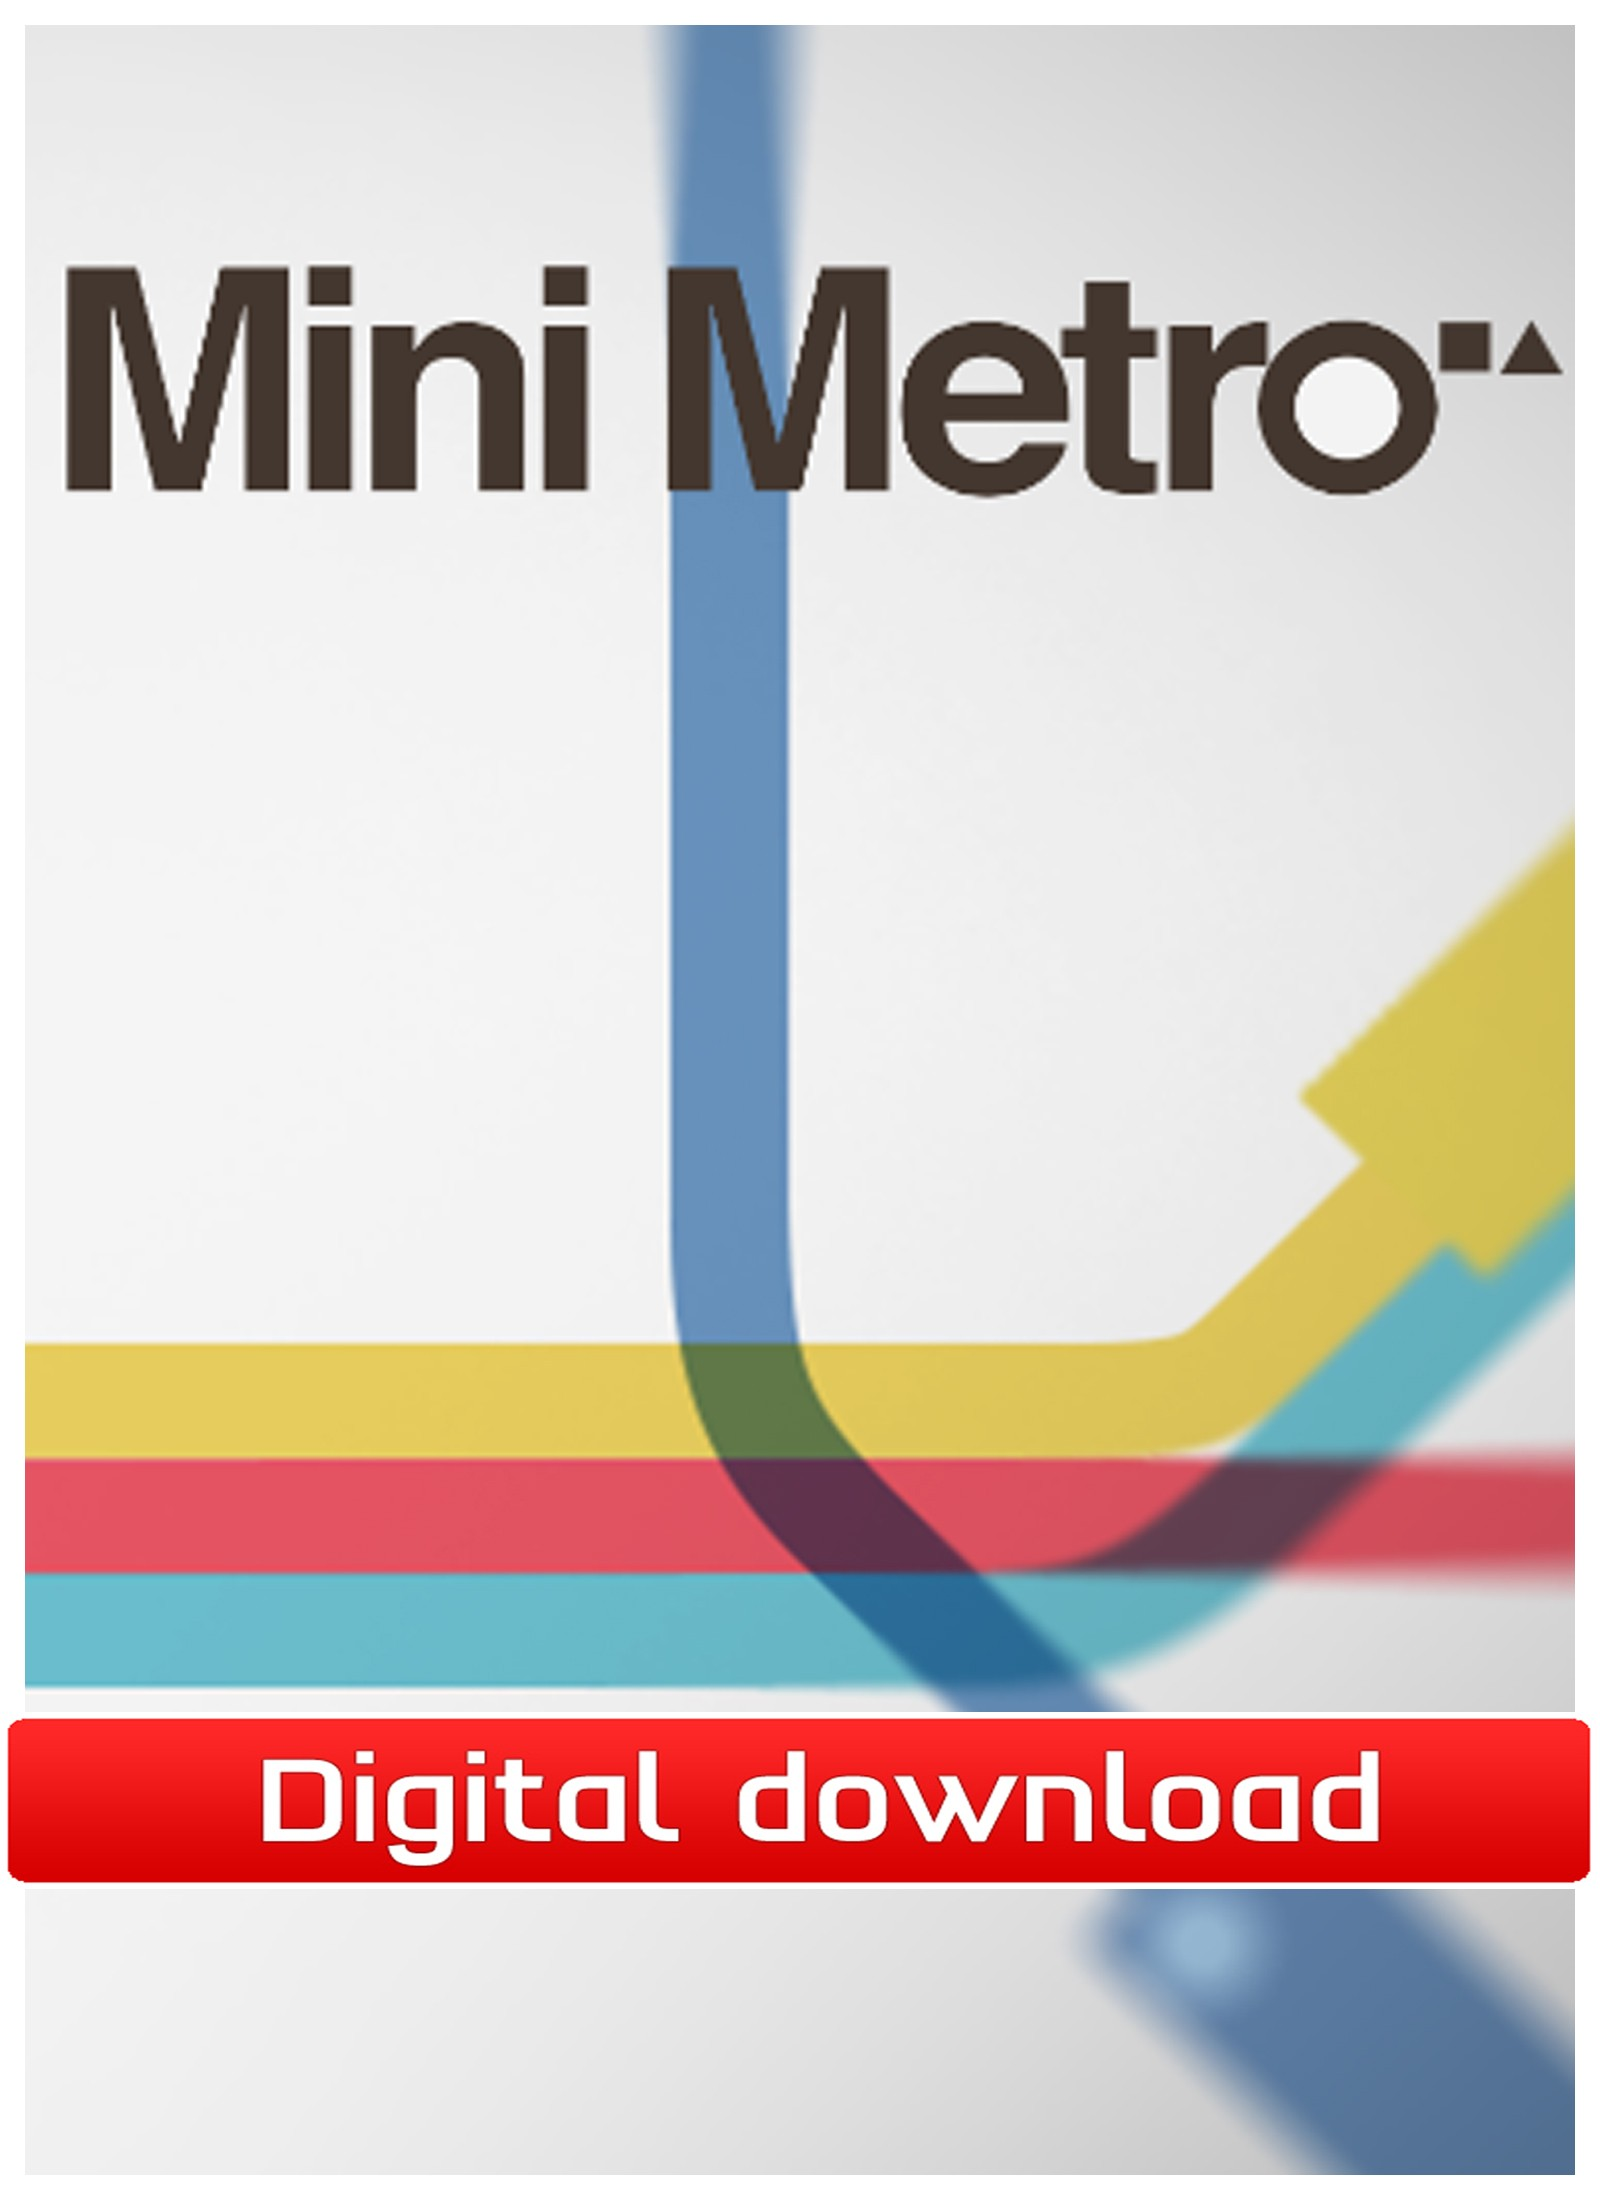 Mini Metro (PC nedlastning) PCDD38175